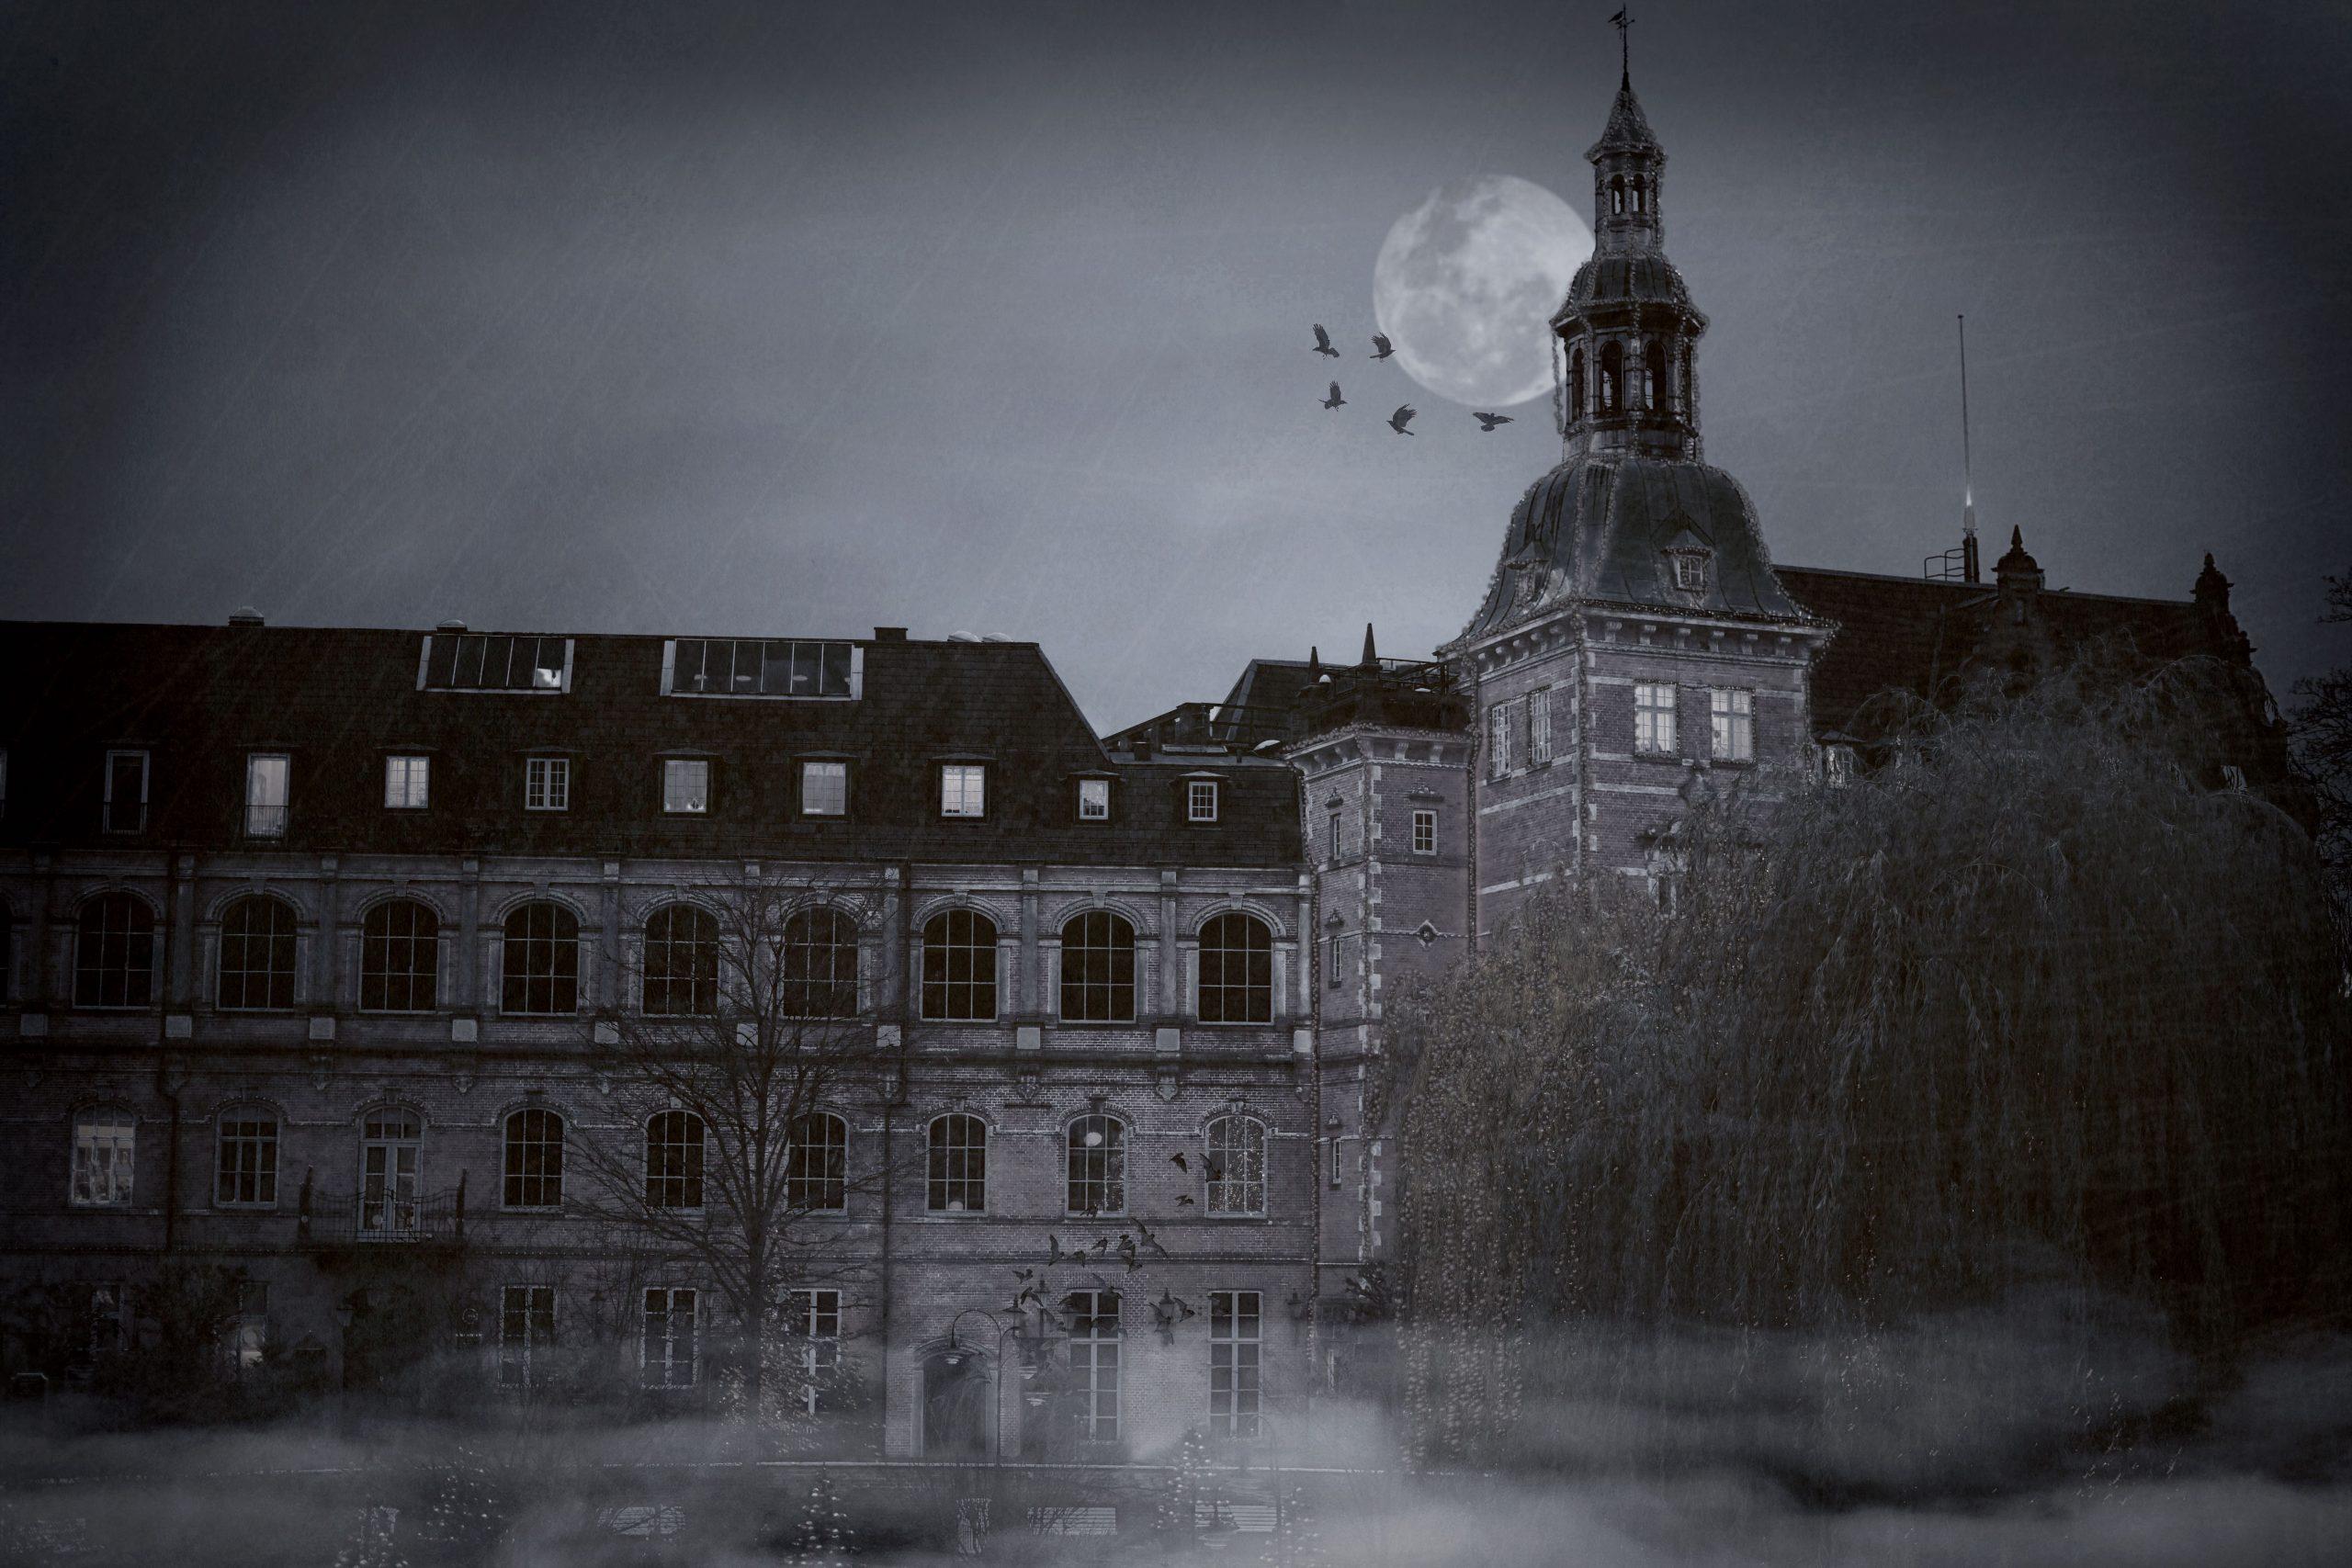 Villa Vendetta, en ny scary-forlystelsesoplevelse i H.C. Andersen Slottet, åbner i forbindelse med Tivolis sommersæson. Illustrationsfoto for Tivoli: Mikkel Trudslev Jensen.